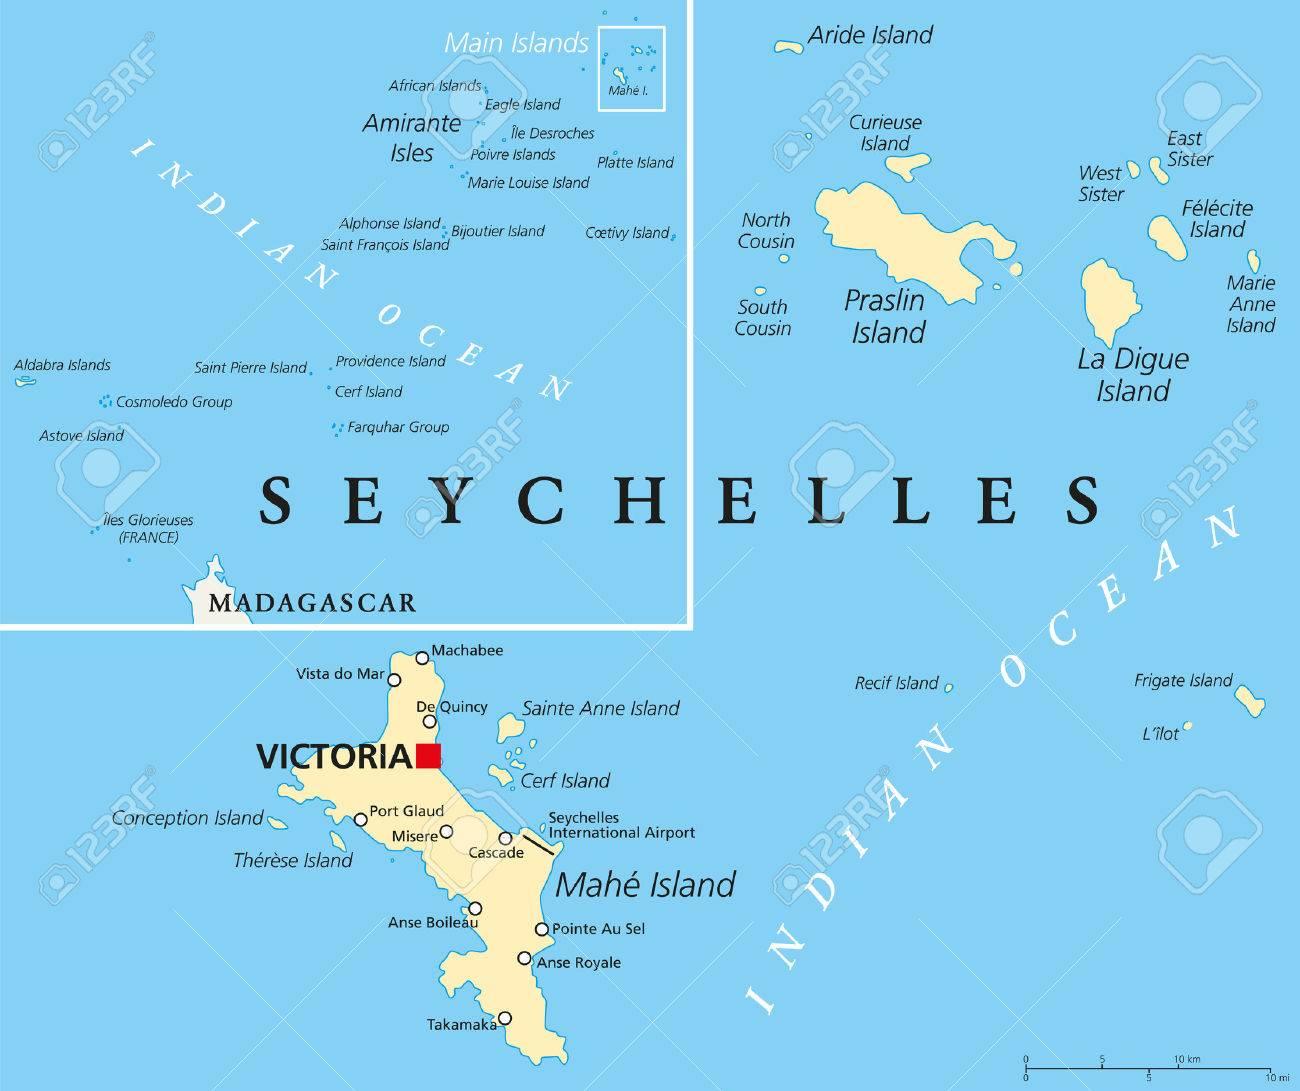 Mappa Politica Delle Seychelles Con Capitale Victoria Citta E Isole Importanti E Una Mappa Panoramica Dell Intero Arcipelago Etichettatura E